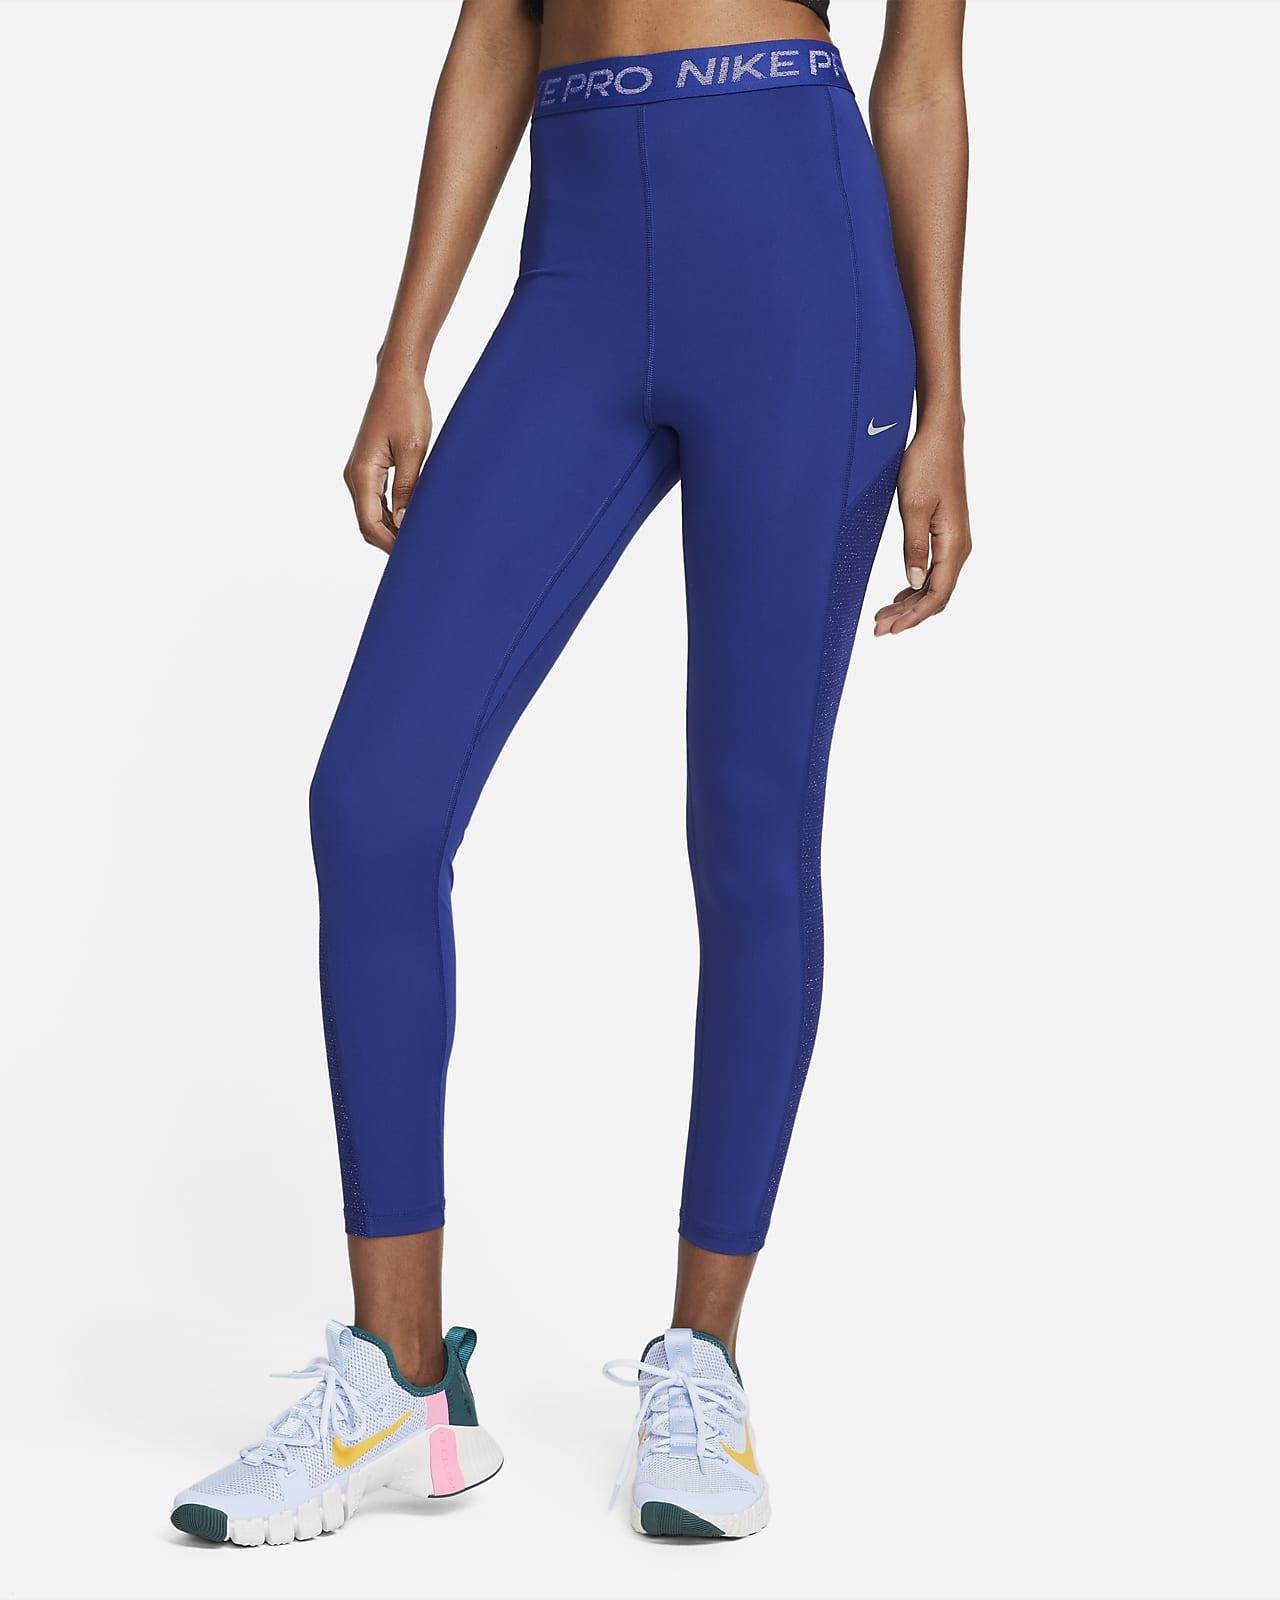 Nike Pro Dri-FIT-leggings i 7/8-længde med glans og høj talje til kvinder